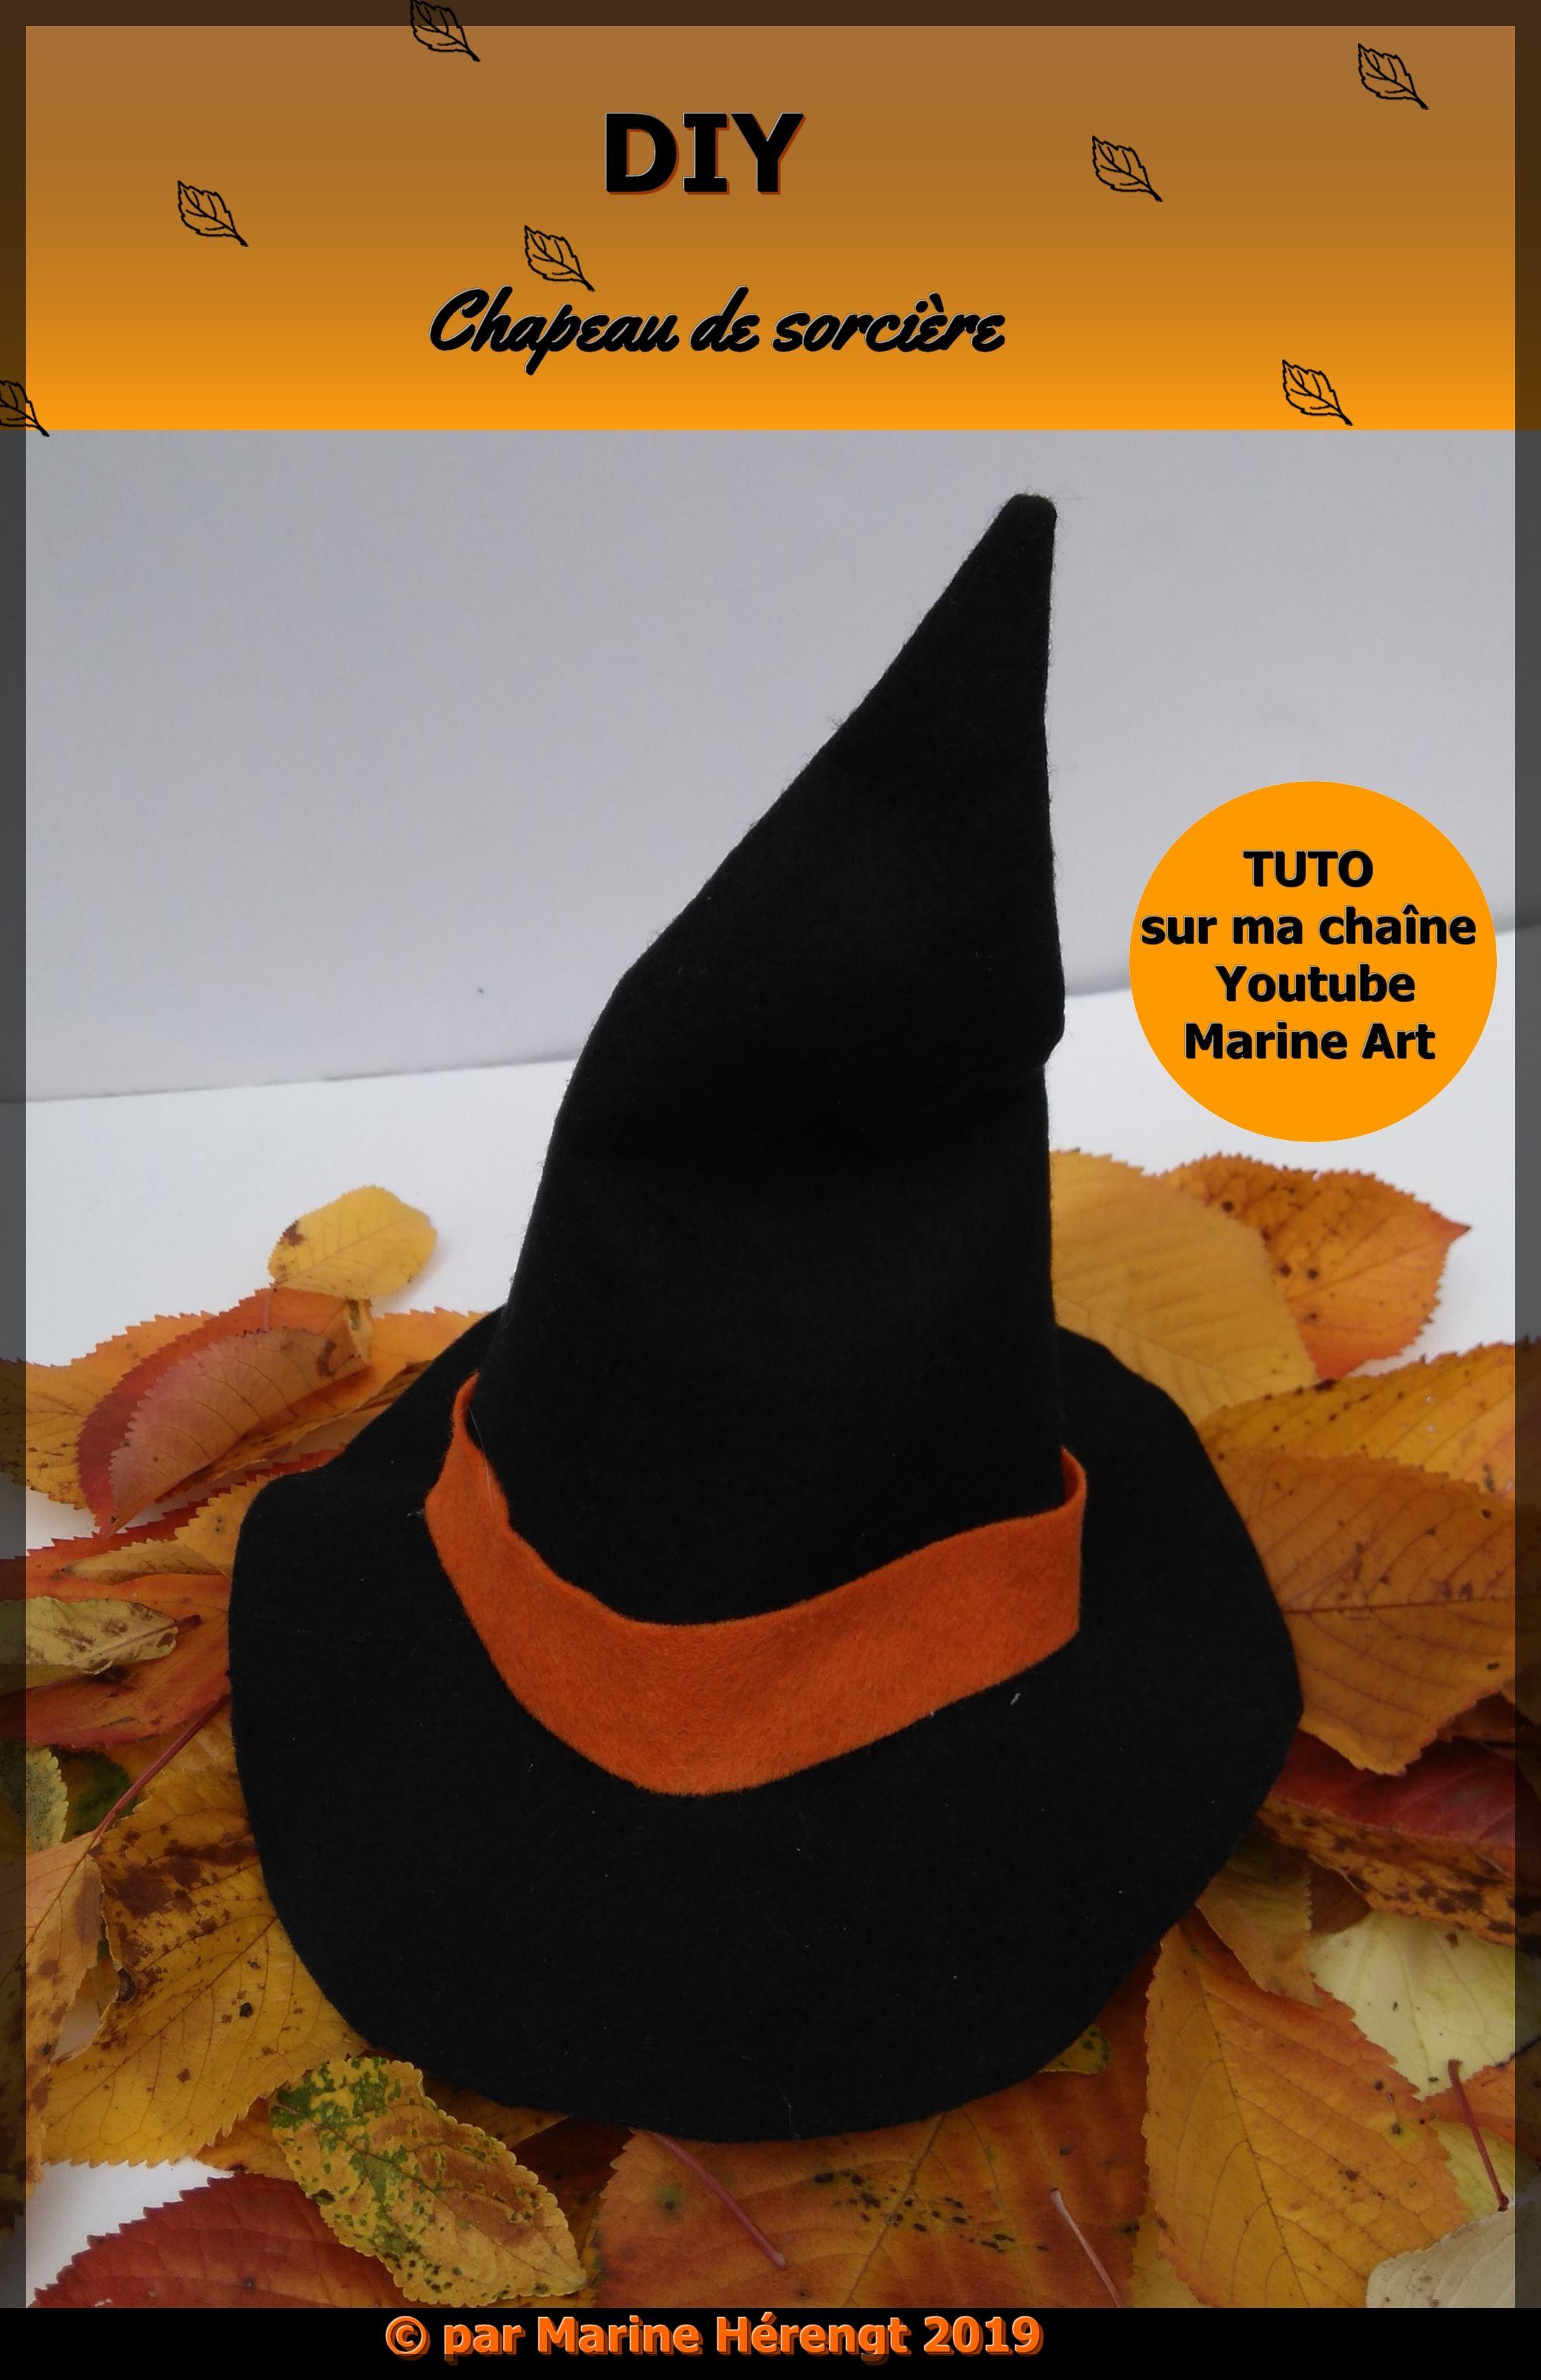 DIY petit chapeau de sorcière en feutrine. Le tuto est